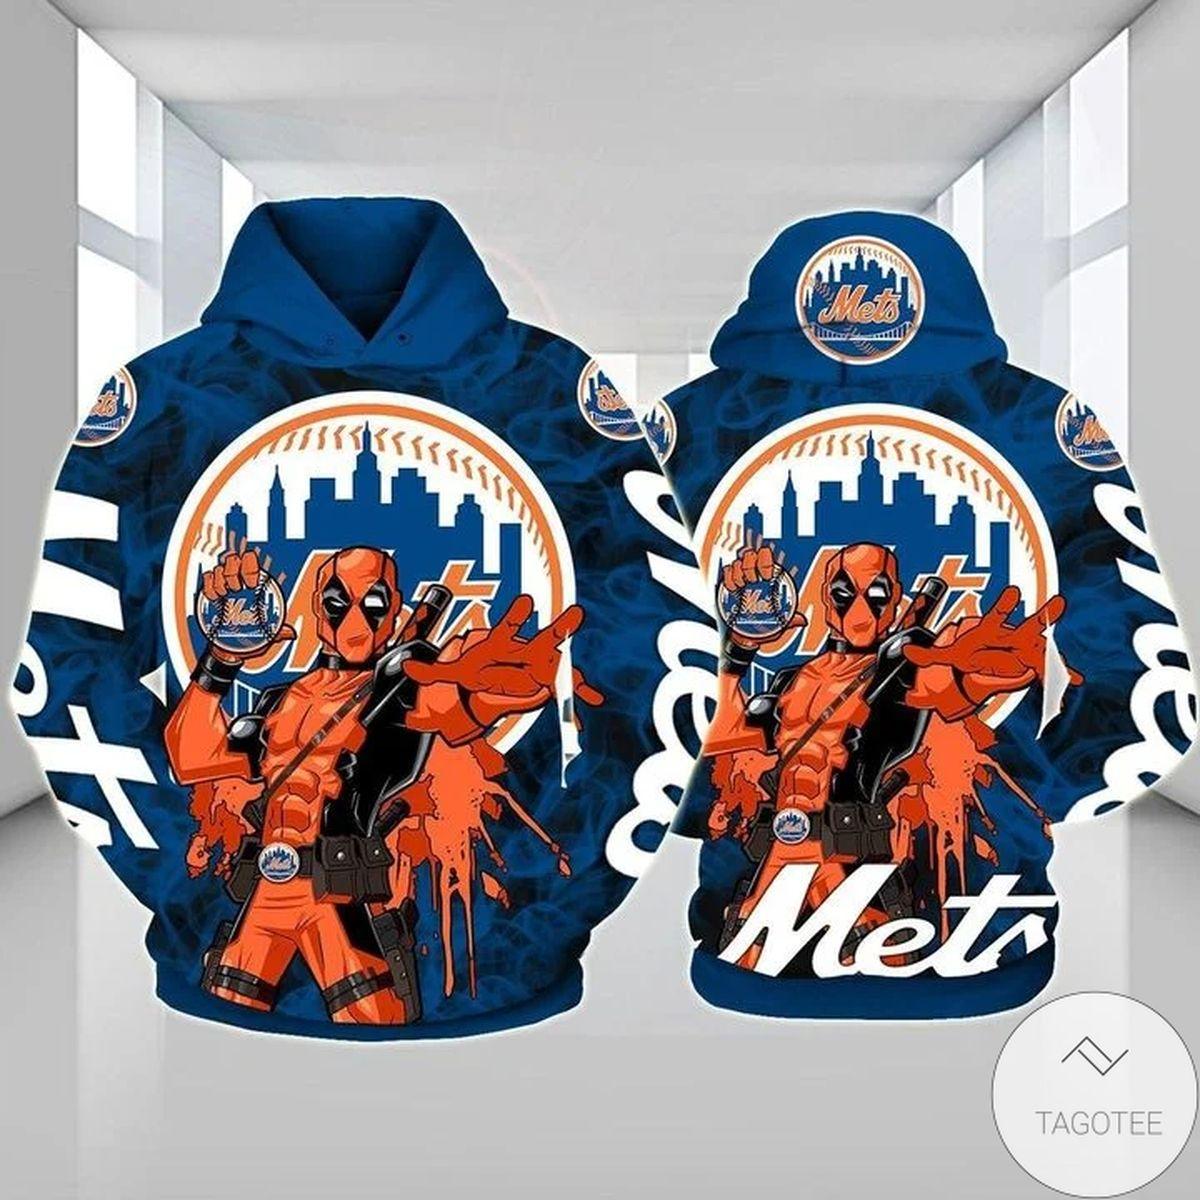 New York Mets Deadpool 3D Hoodie